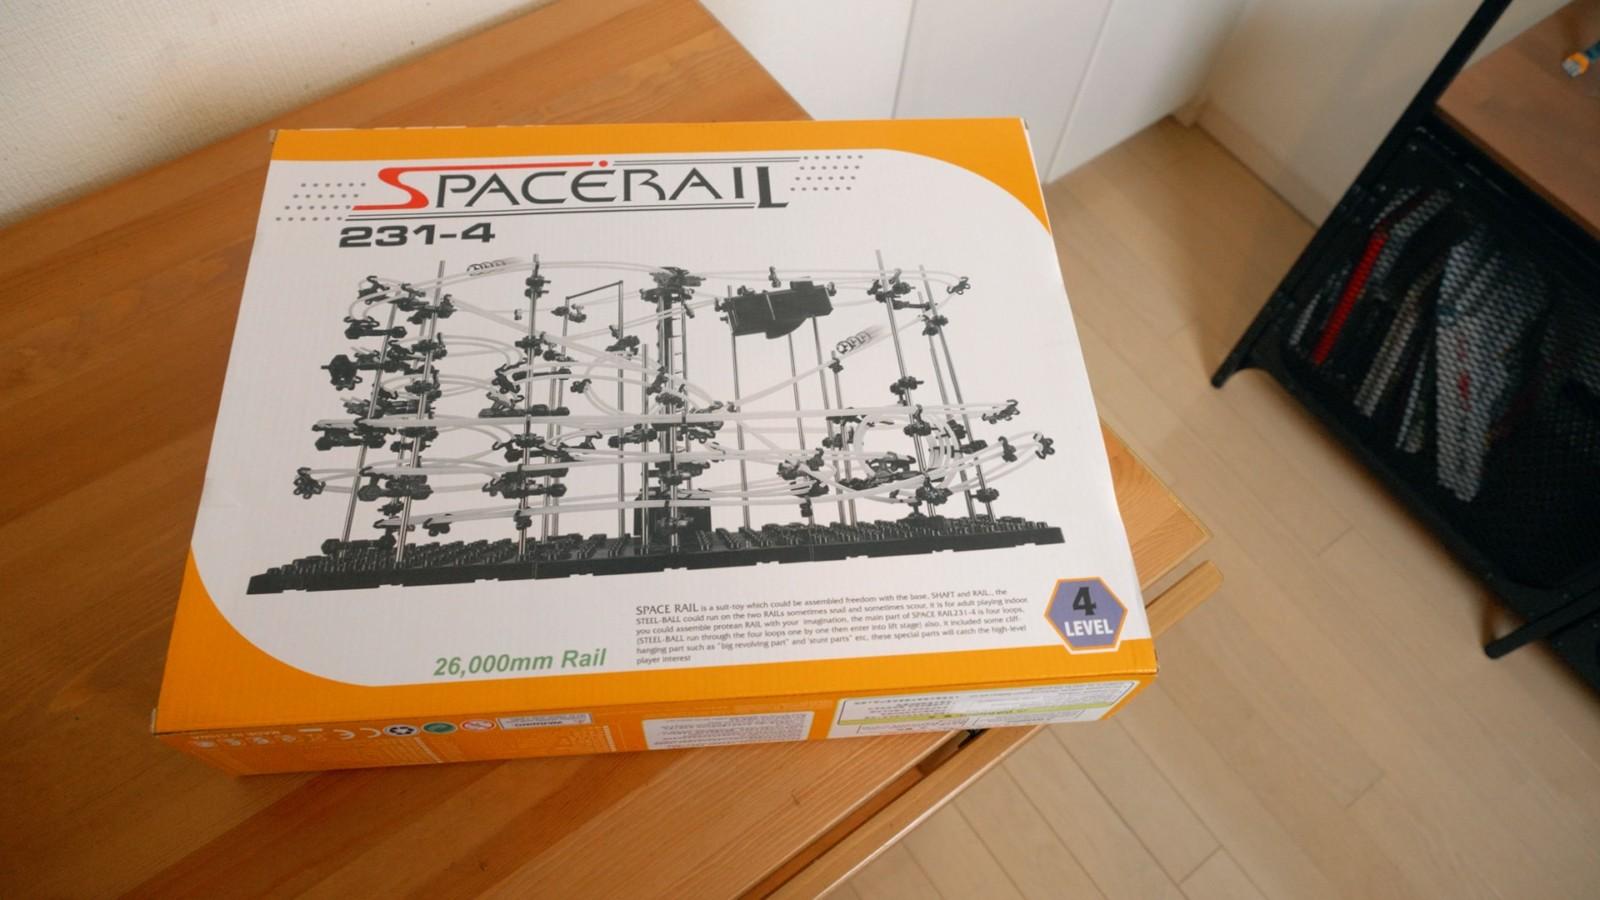 スペースレールレベル4